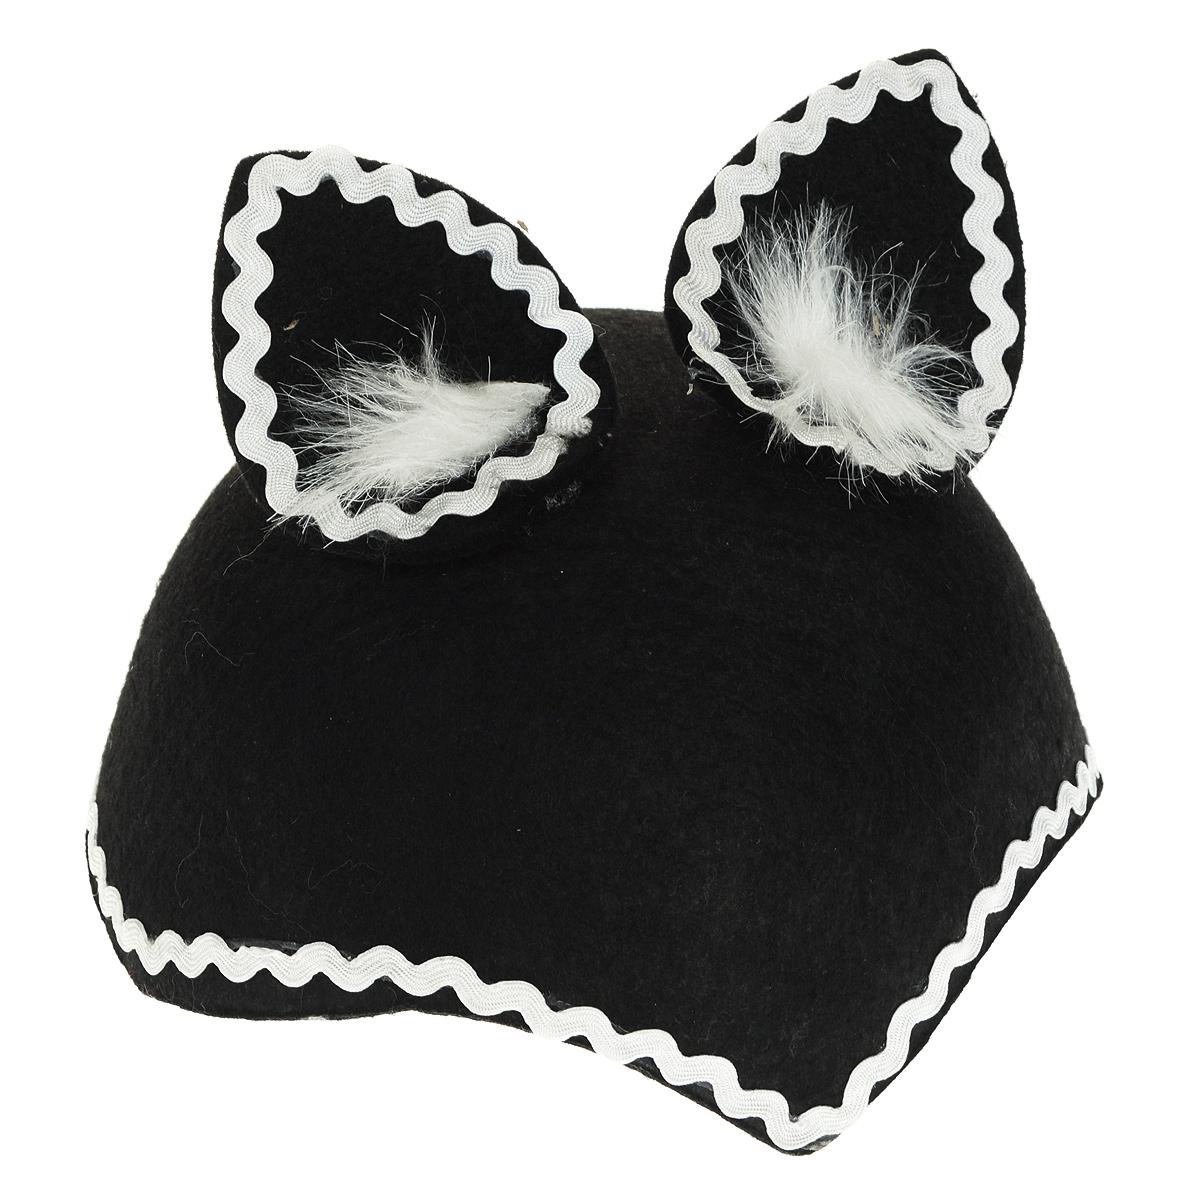 Шапка-маска маскарадная  Волчица , цвет: черный. Размер 55-56 см -  Маски карнавальные